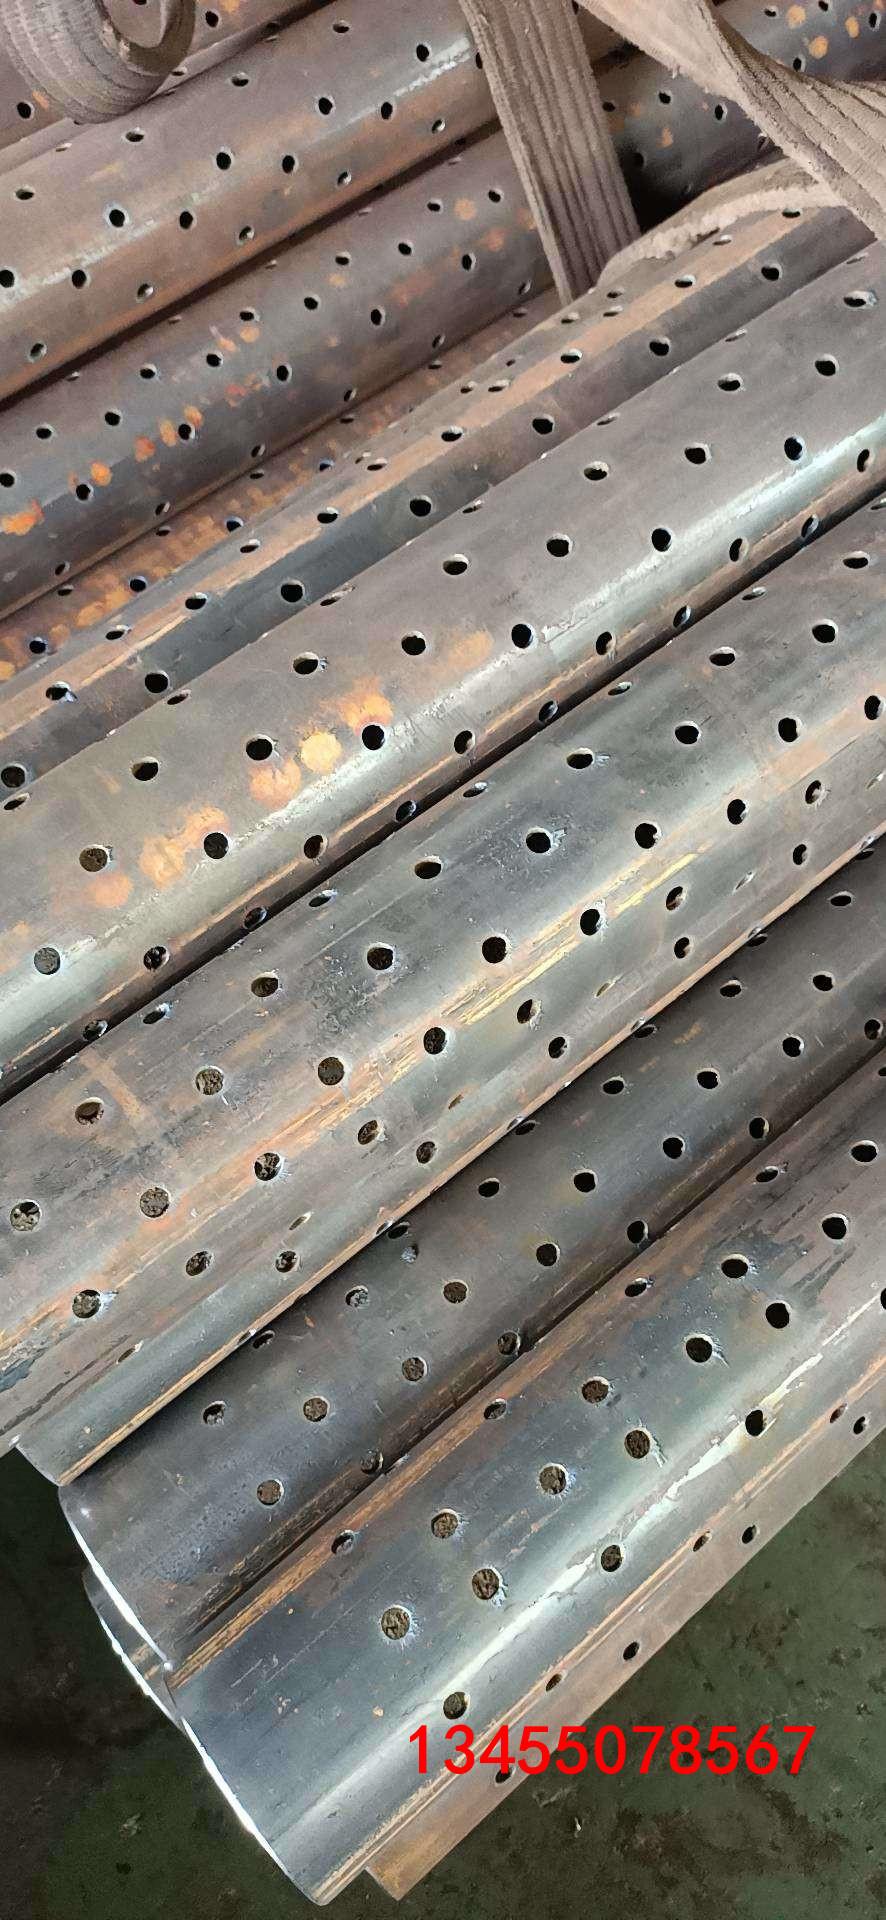 169钢管护筒「厂家」 108钢管车丝花管打孔加工